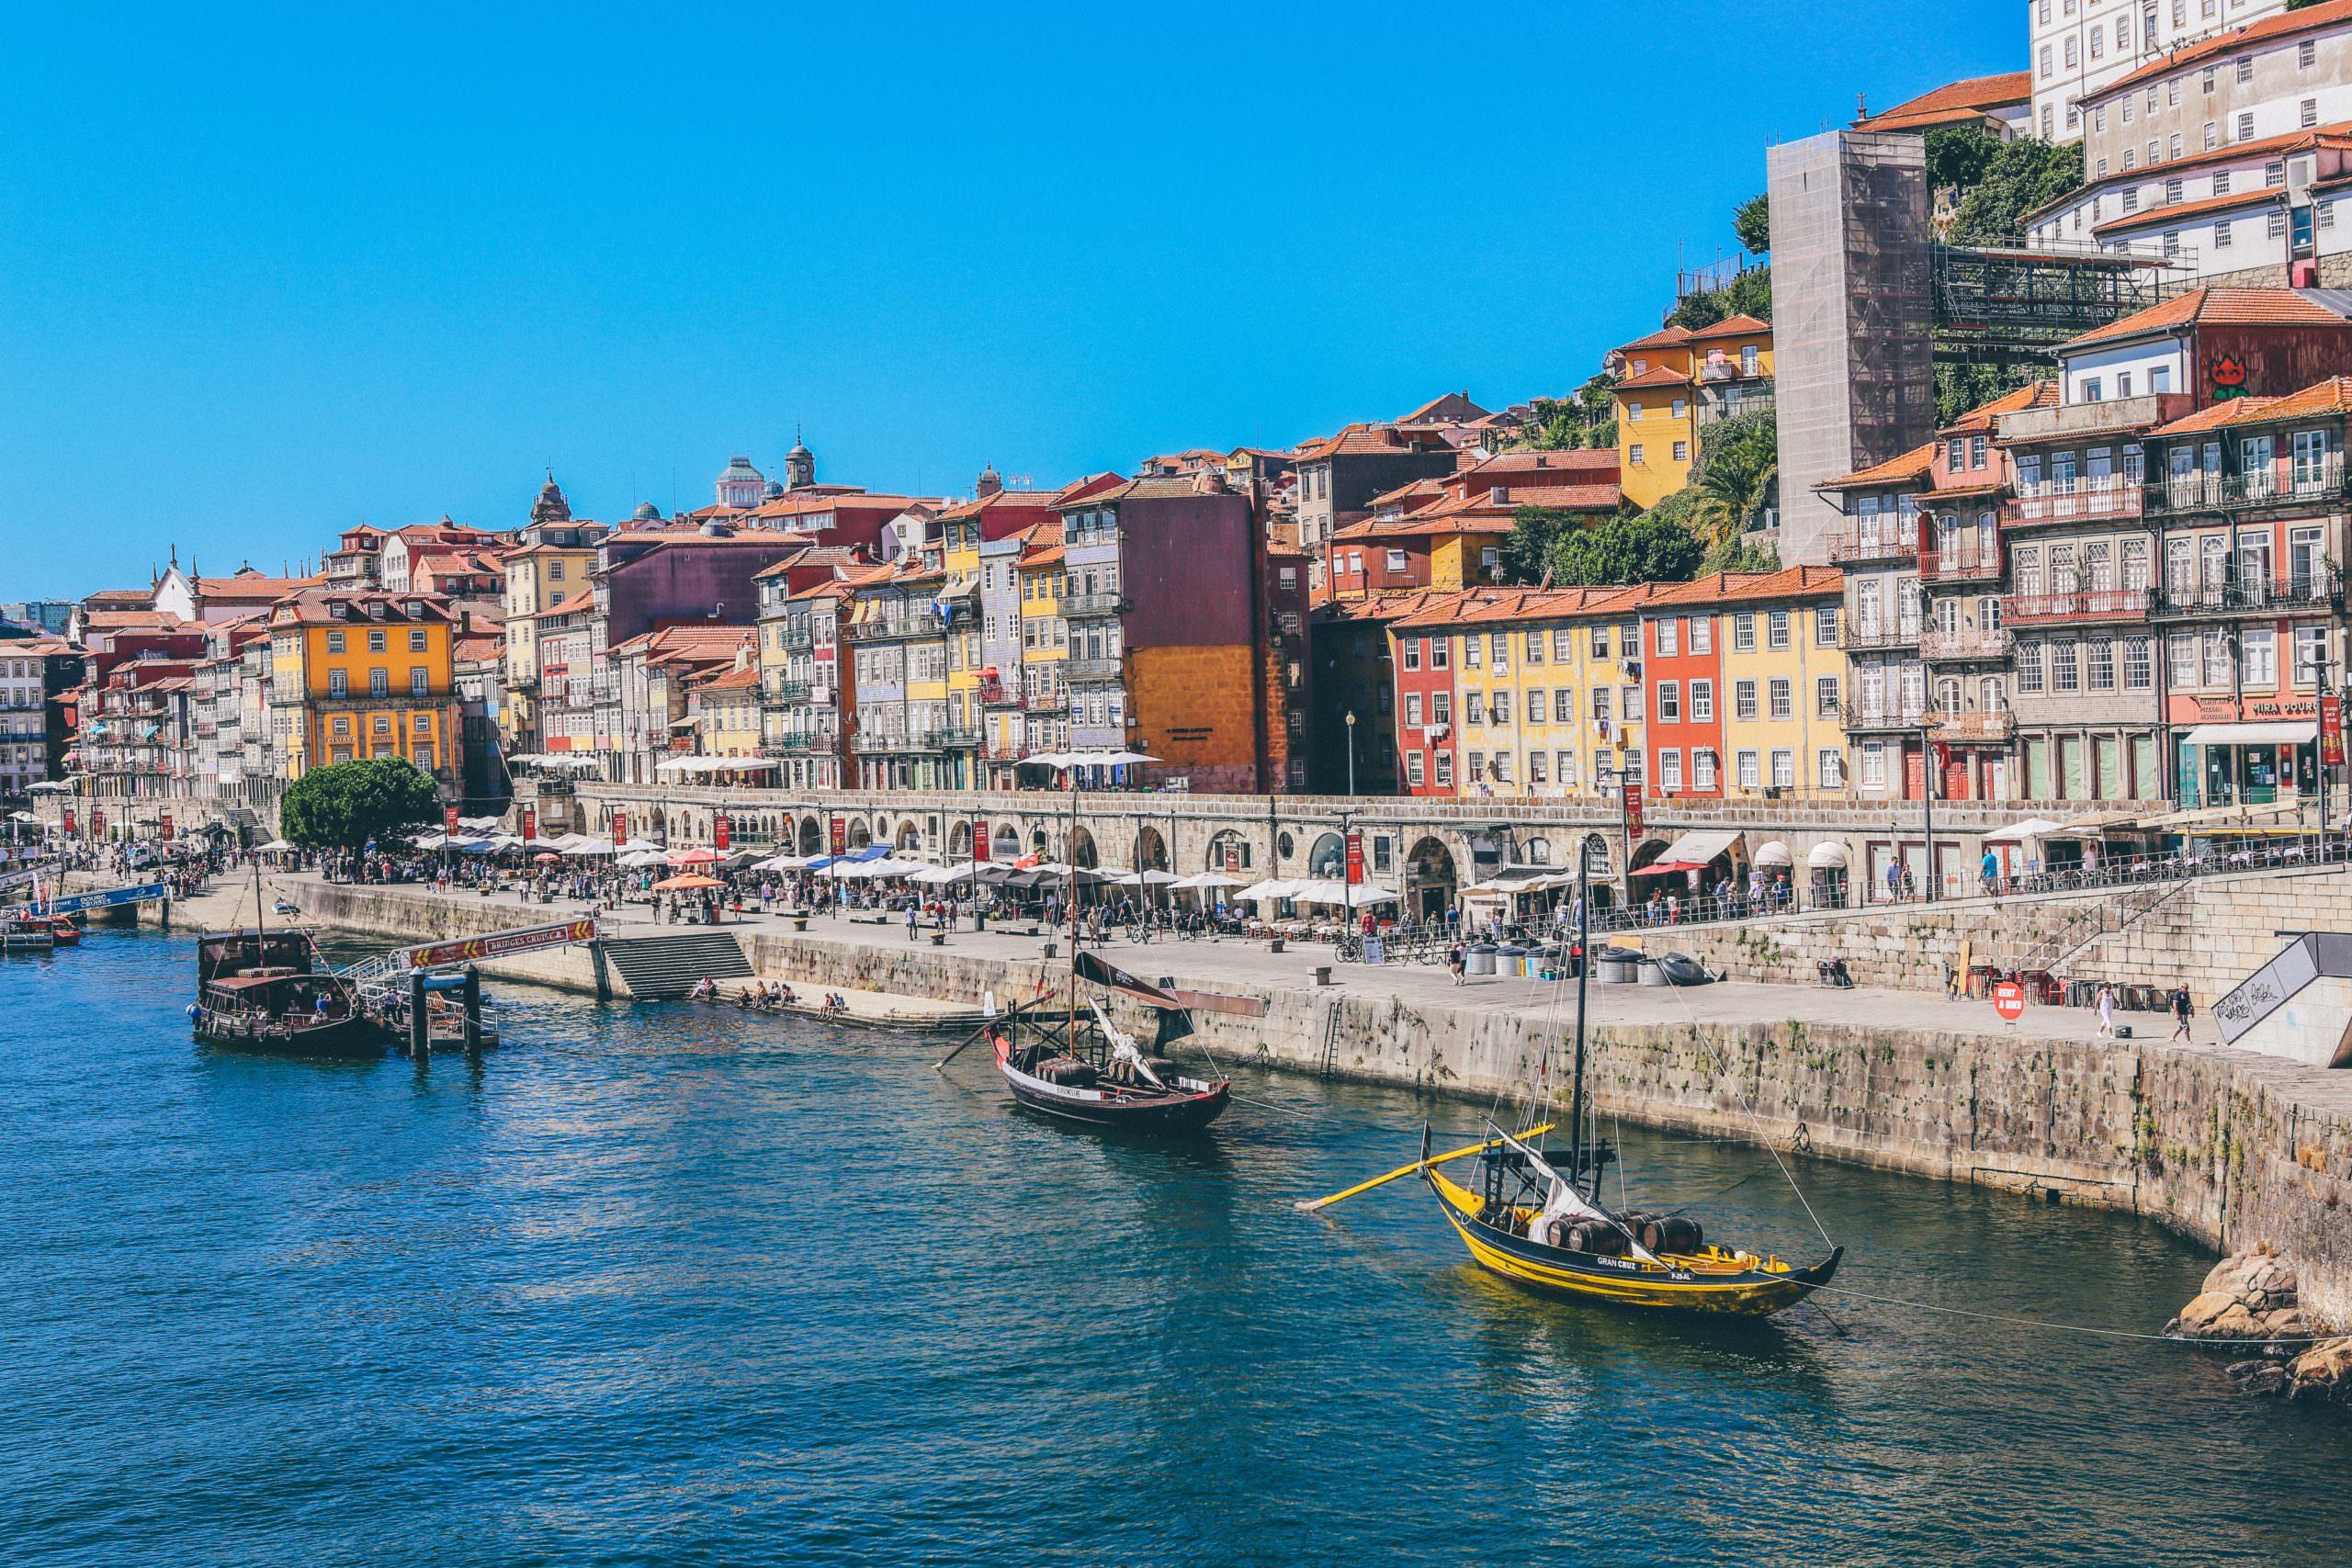 أجمل المدن التي يمكنك زيارتها في البرتغال